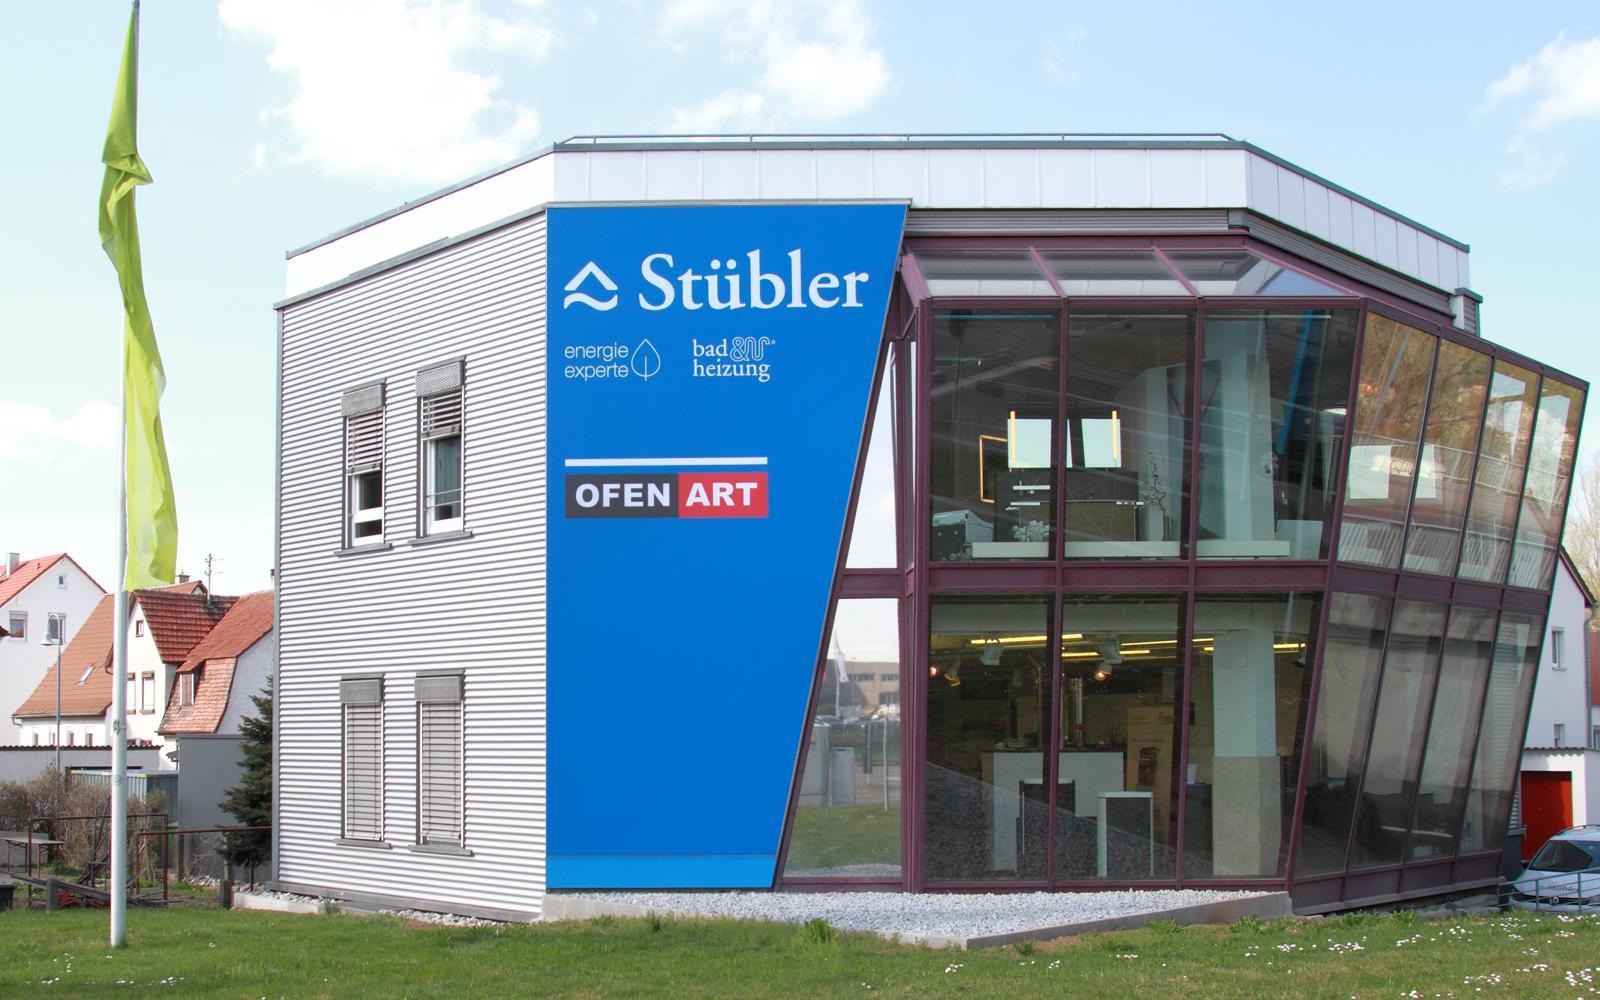 ausstellung | Stübler | Eislingen | (Landkreis Göppingen ...